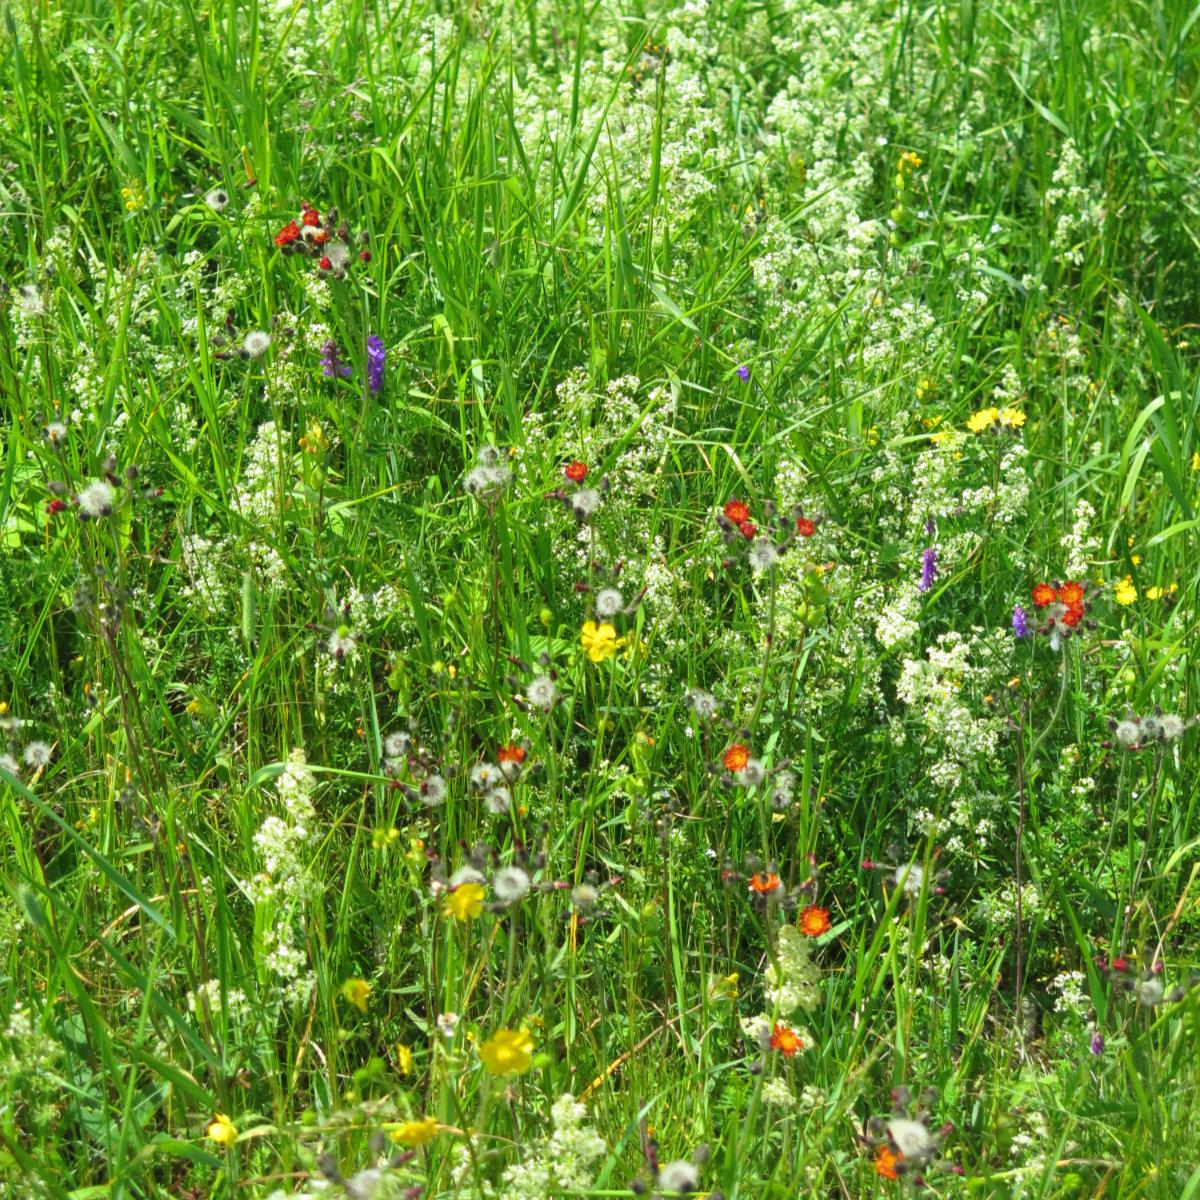 20180716-AbrahamEllen-Wildflowers